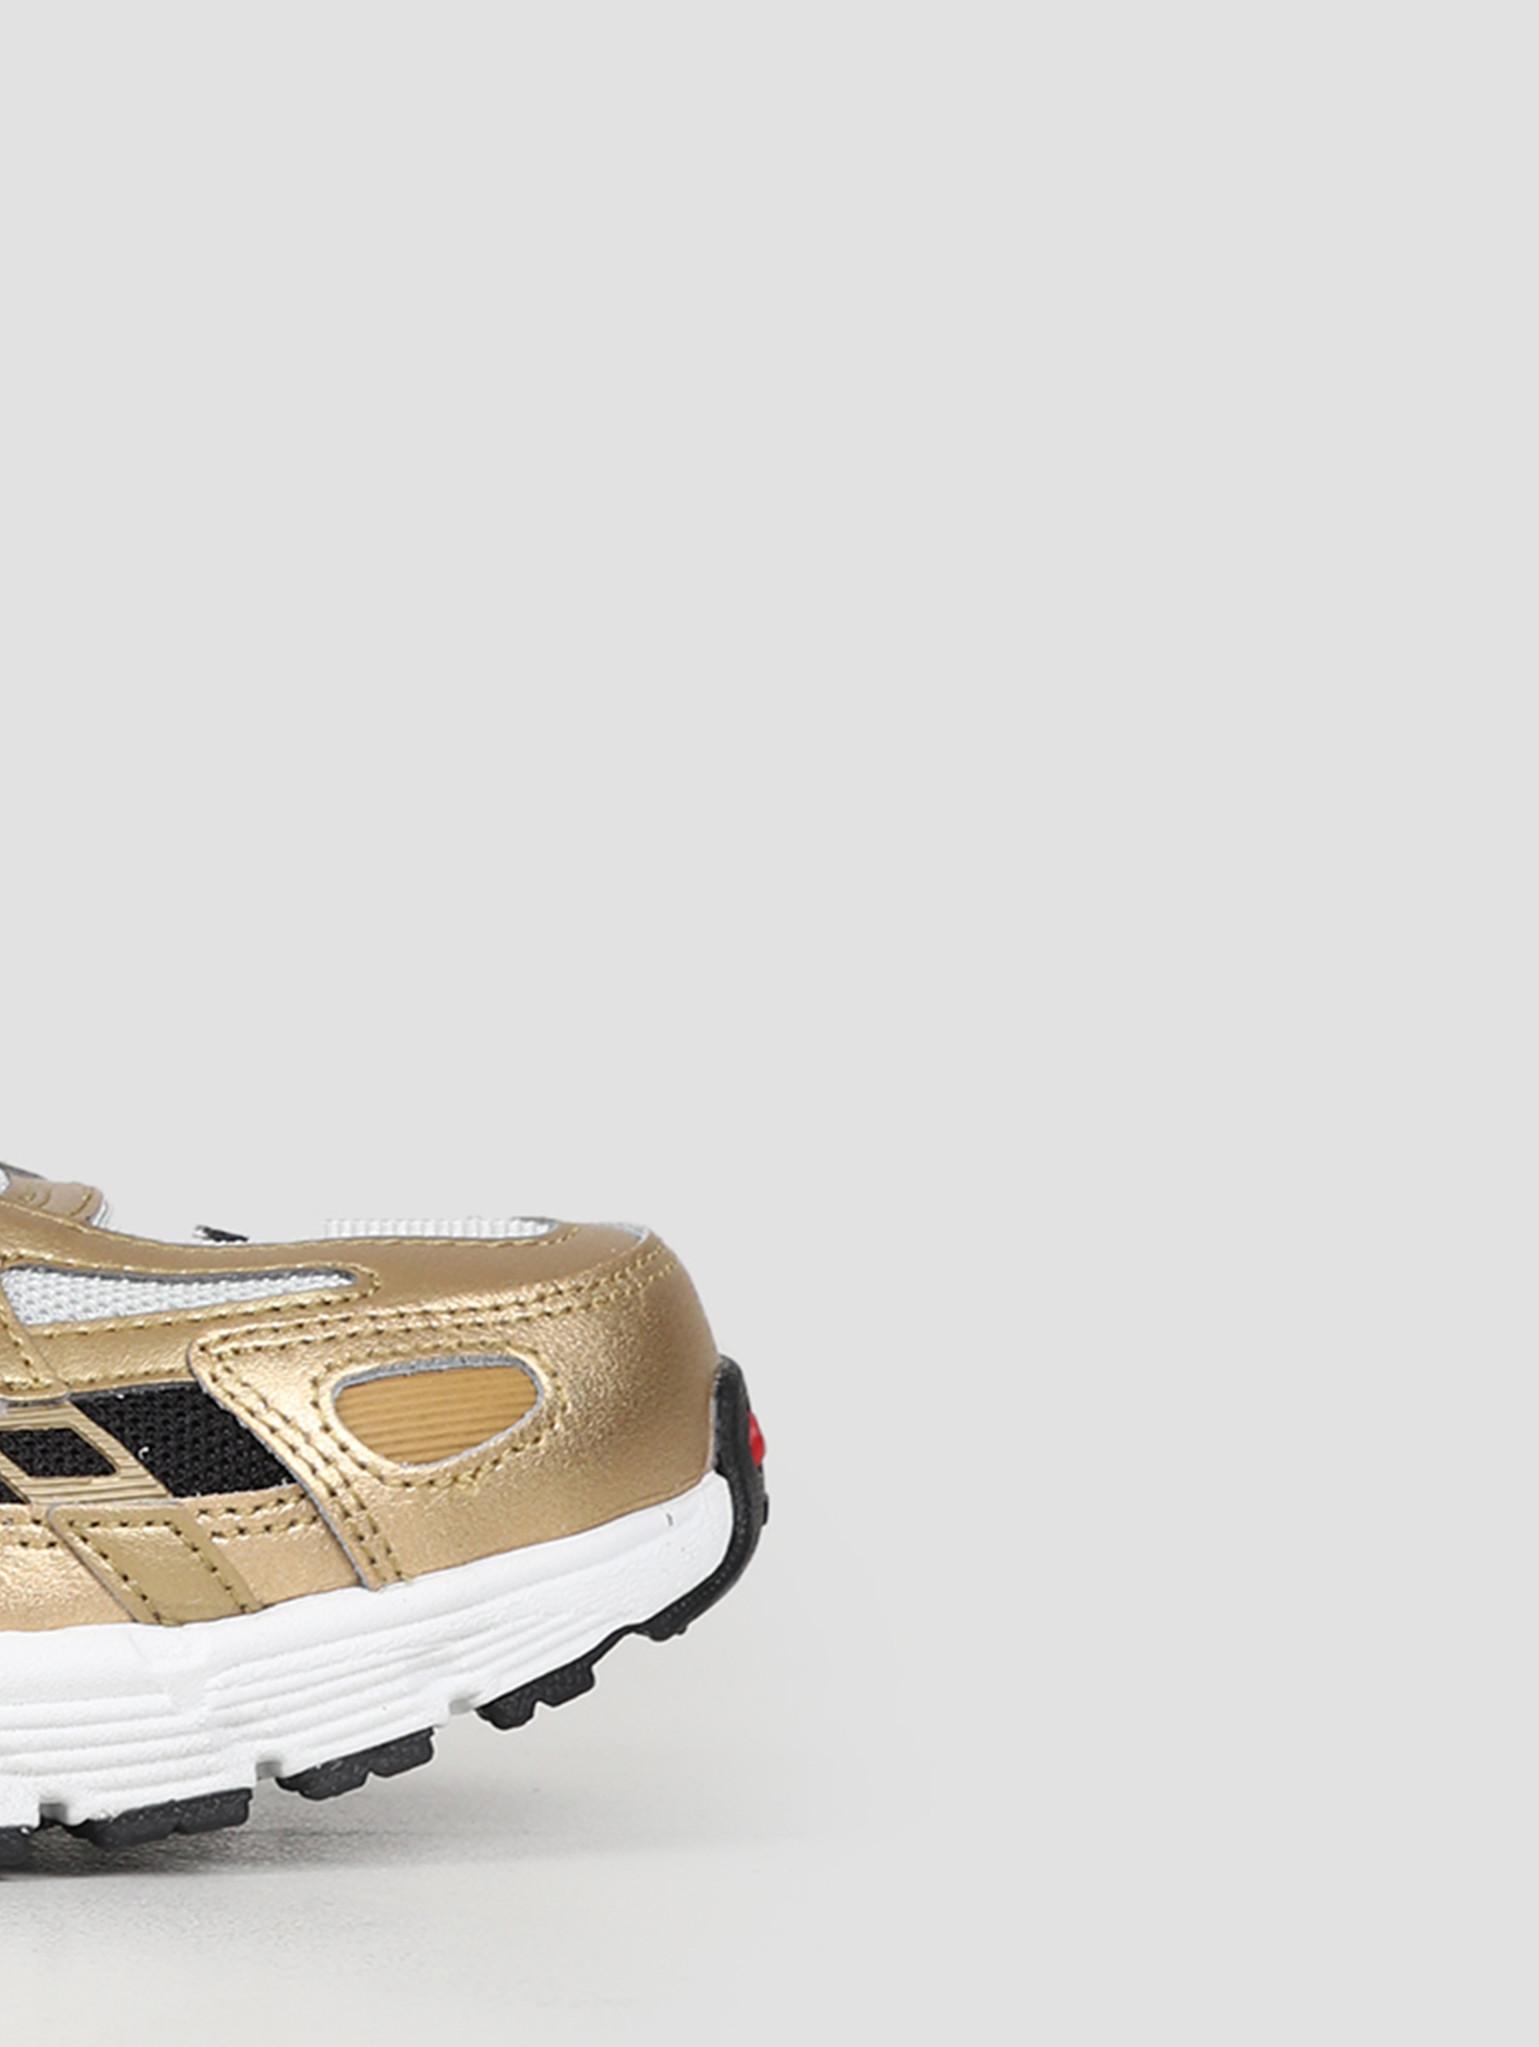 Nike Nike Nike P6000 Light Bone Summit White Metallic Gold BV1021 007